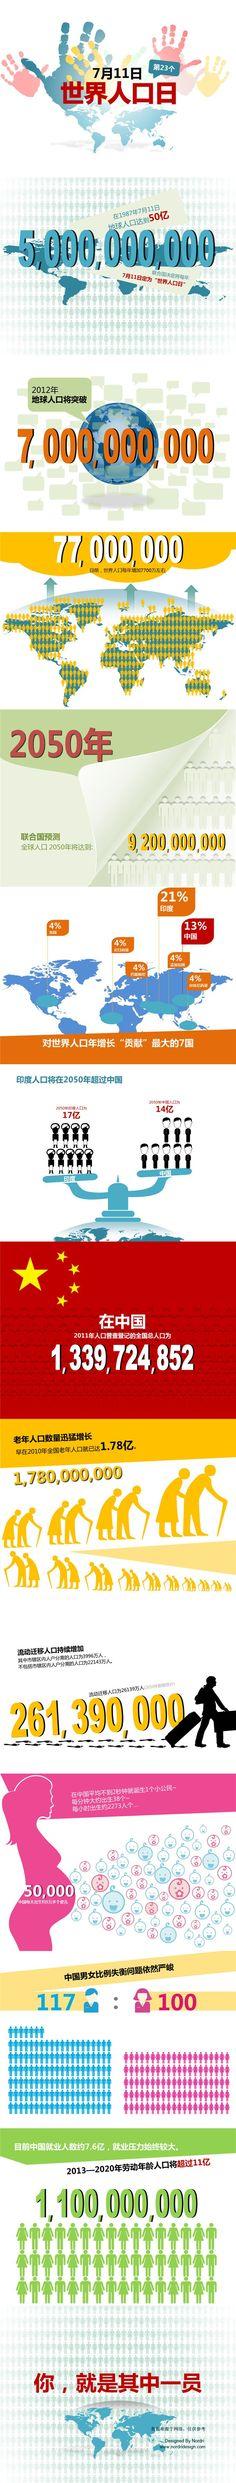 7月11日世界人口日信息图表演示